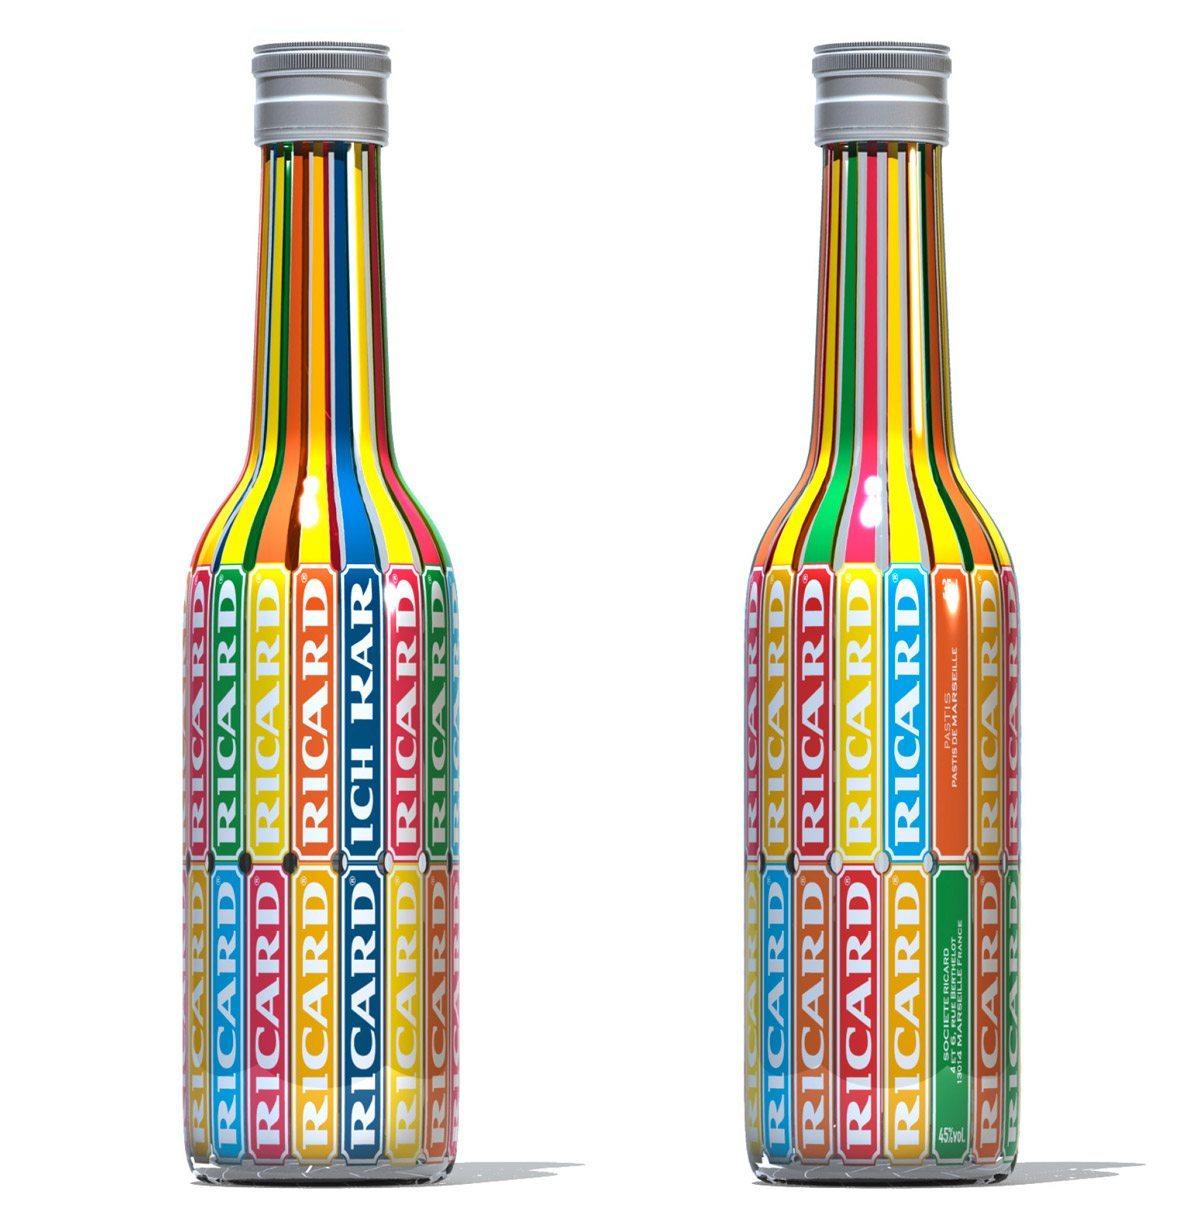 La collaboration entre IchetKar et Ricard, une bouteille colorée à l'allure pop